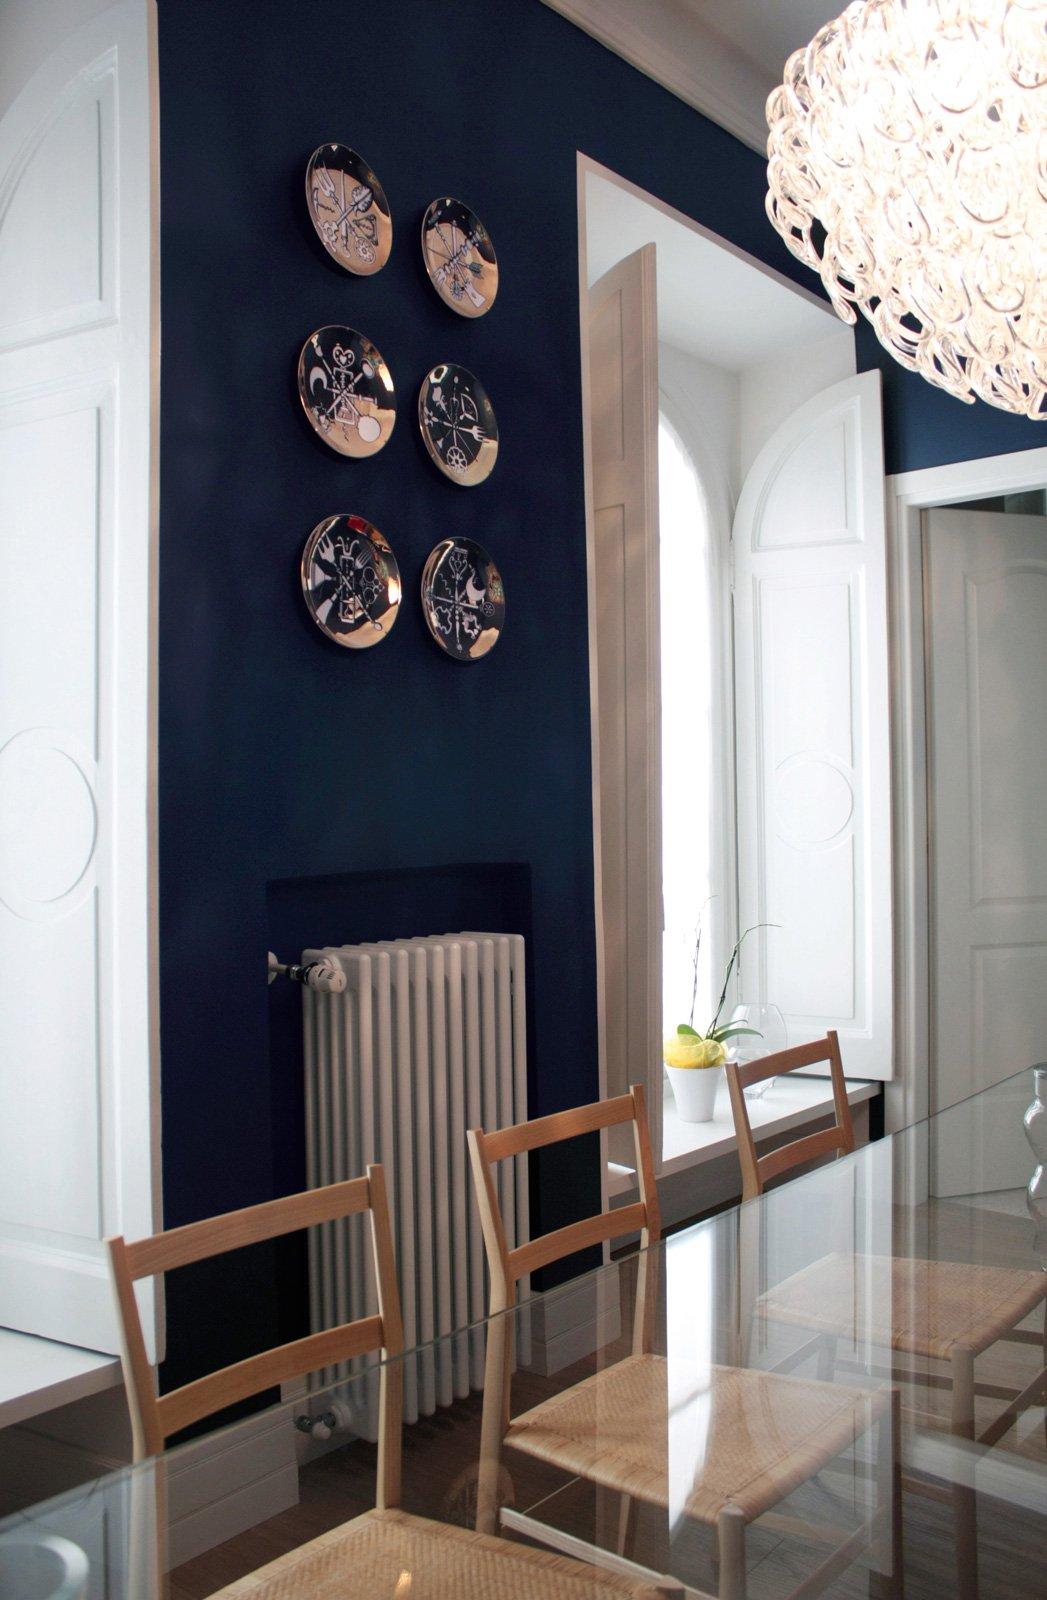 Pitture Particolari Per Interni Moderni.Pitture Murali Per Decorare Le Pareti Cose Di Casa